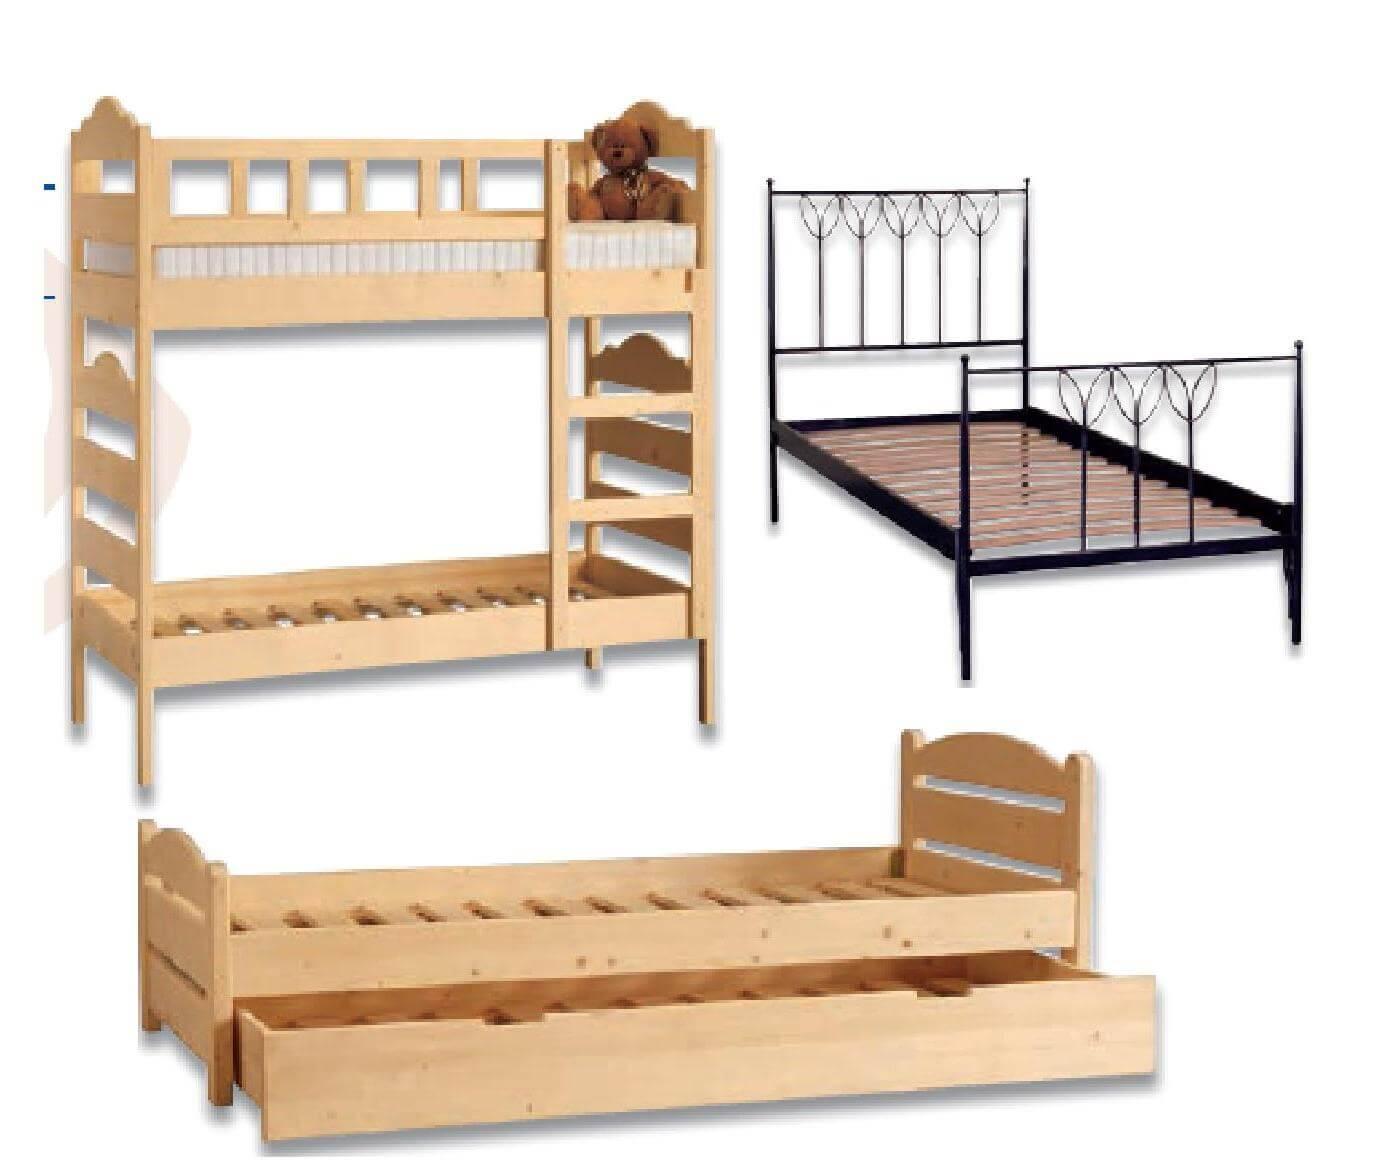 Letto a castello fai da te camera da letto usata bologna fai da te camera da letto bellissima - Letto estraibile usato ...